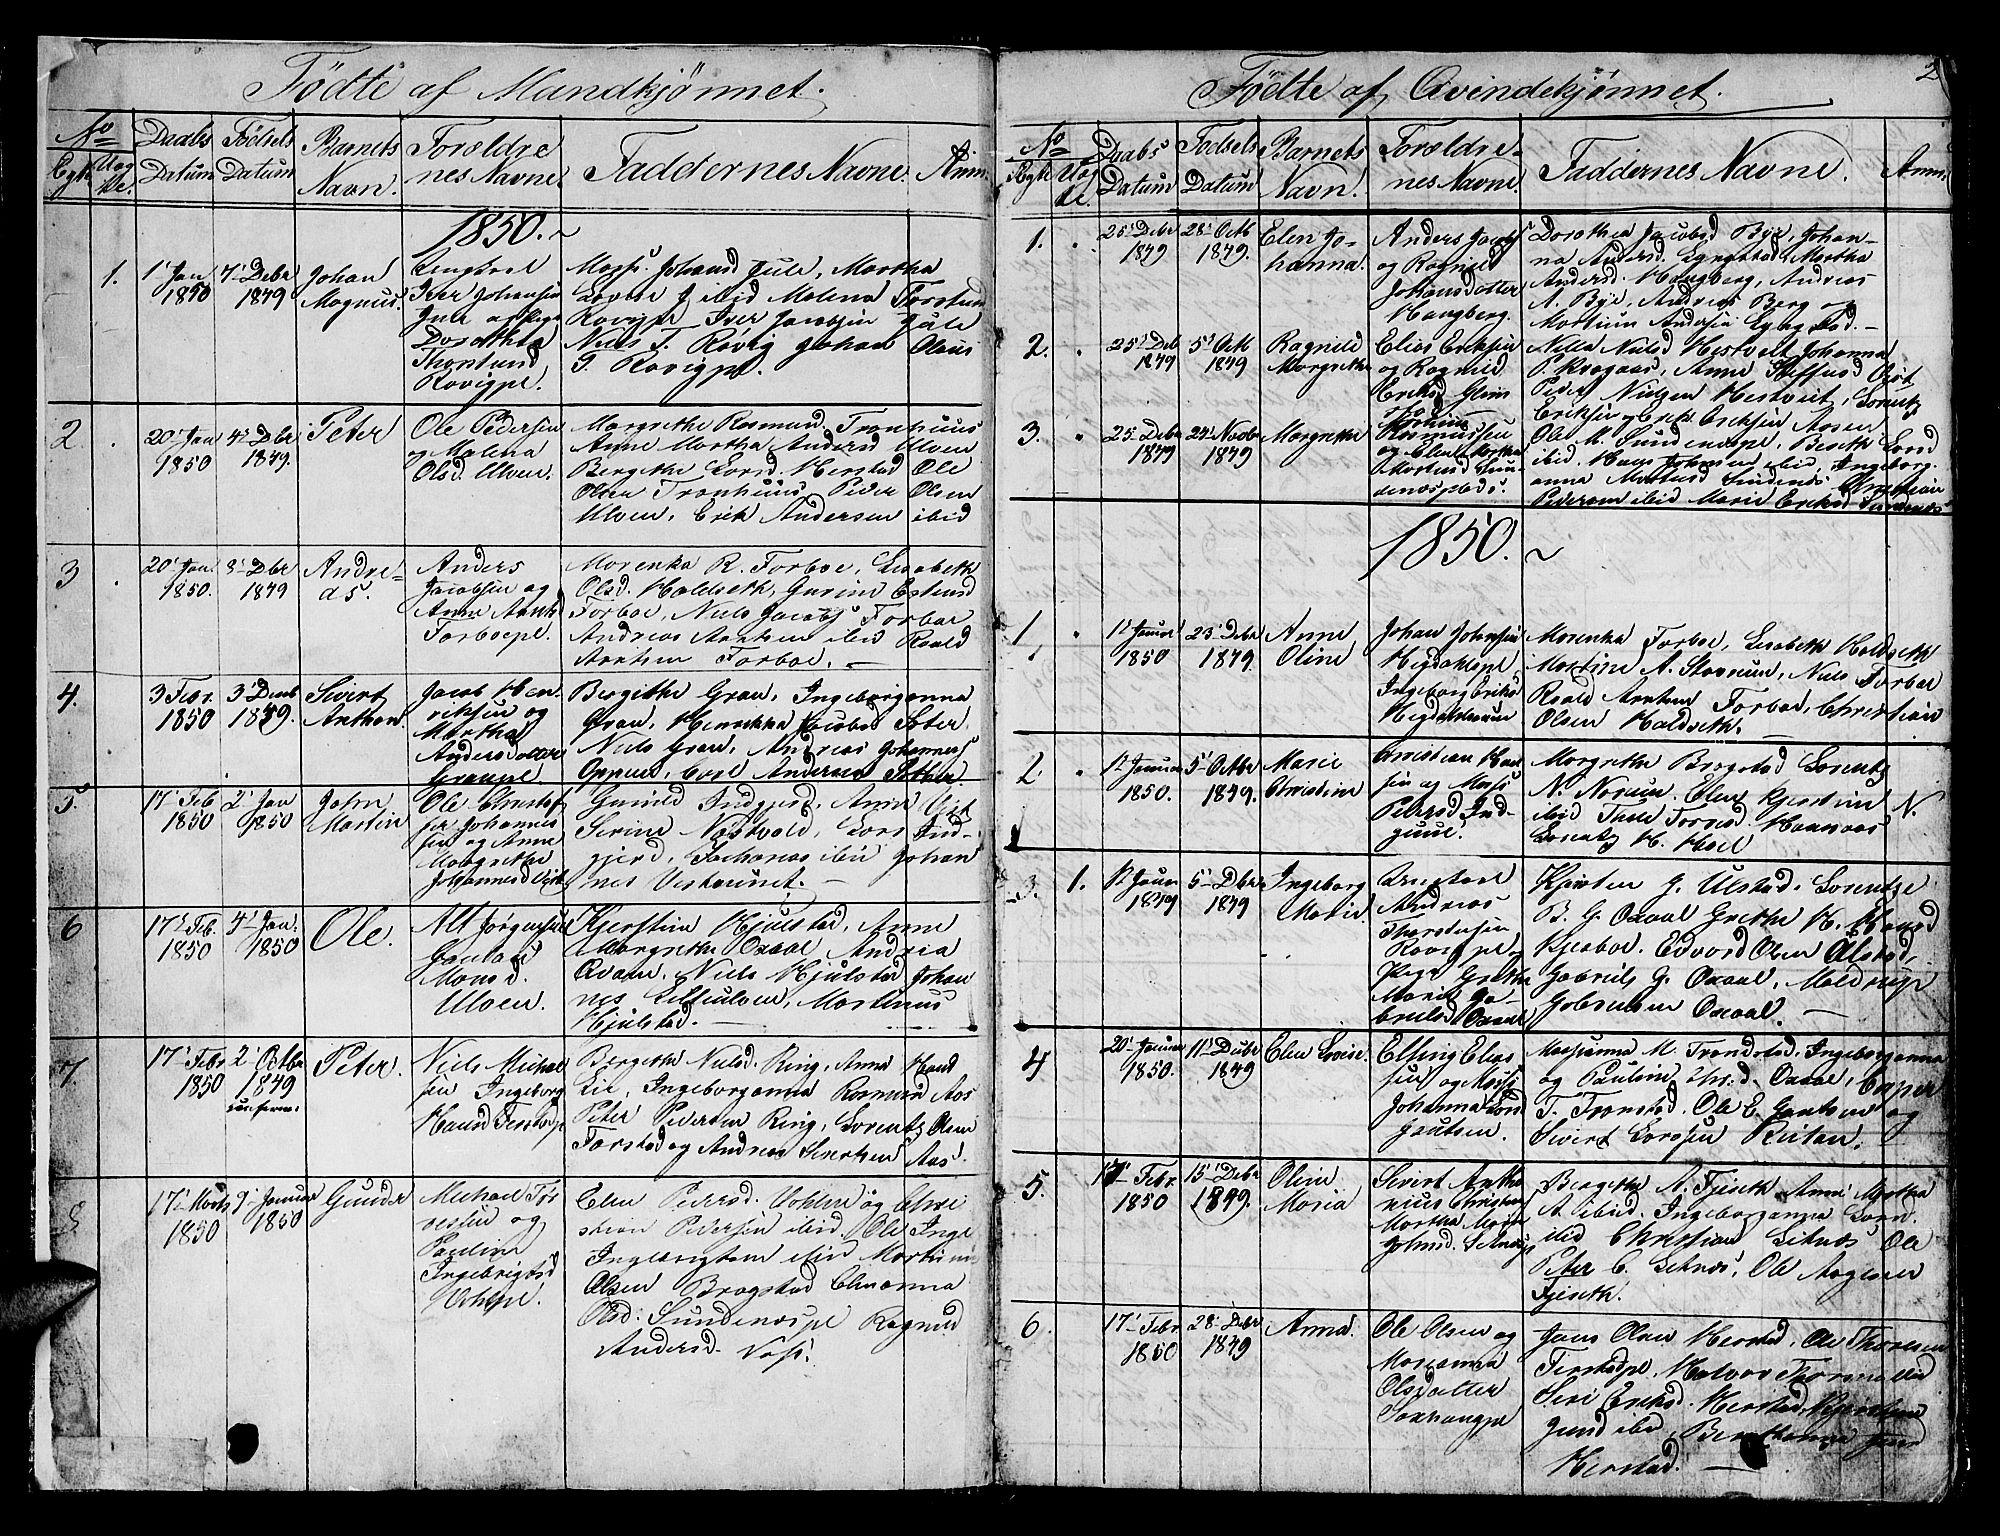 SAT, Ministerialprotokoller, klokkerbøker og fødselsregistre - Nord-Trøndelag, 730/L0299: Parish register (copy) no. 730C02, 1849-1871, p. 2